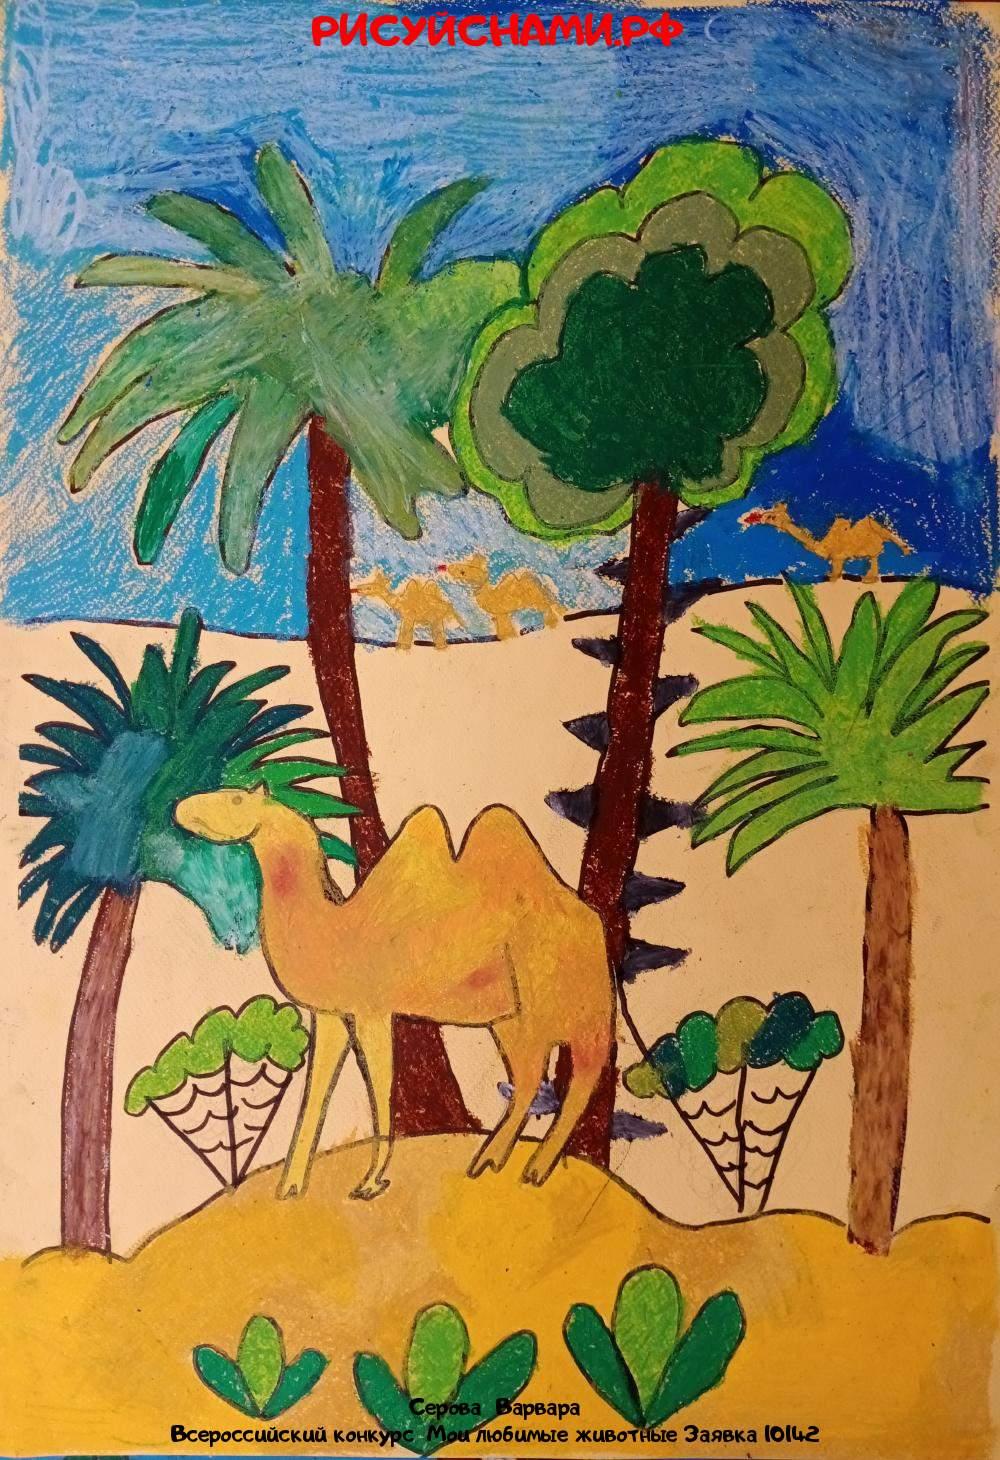 Всероссийский конкурс  Мои любимые животные Заявка 10142  творческие конкурсы рисунков для школьников и дошкольников рисуй с нами #тмрисуйснами рисунок и поделка - Серова  Варвара